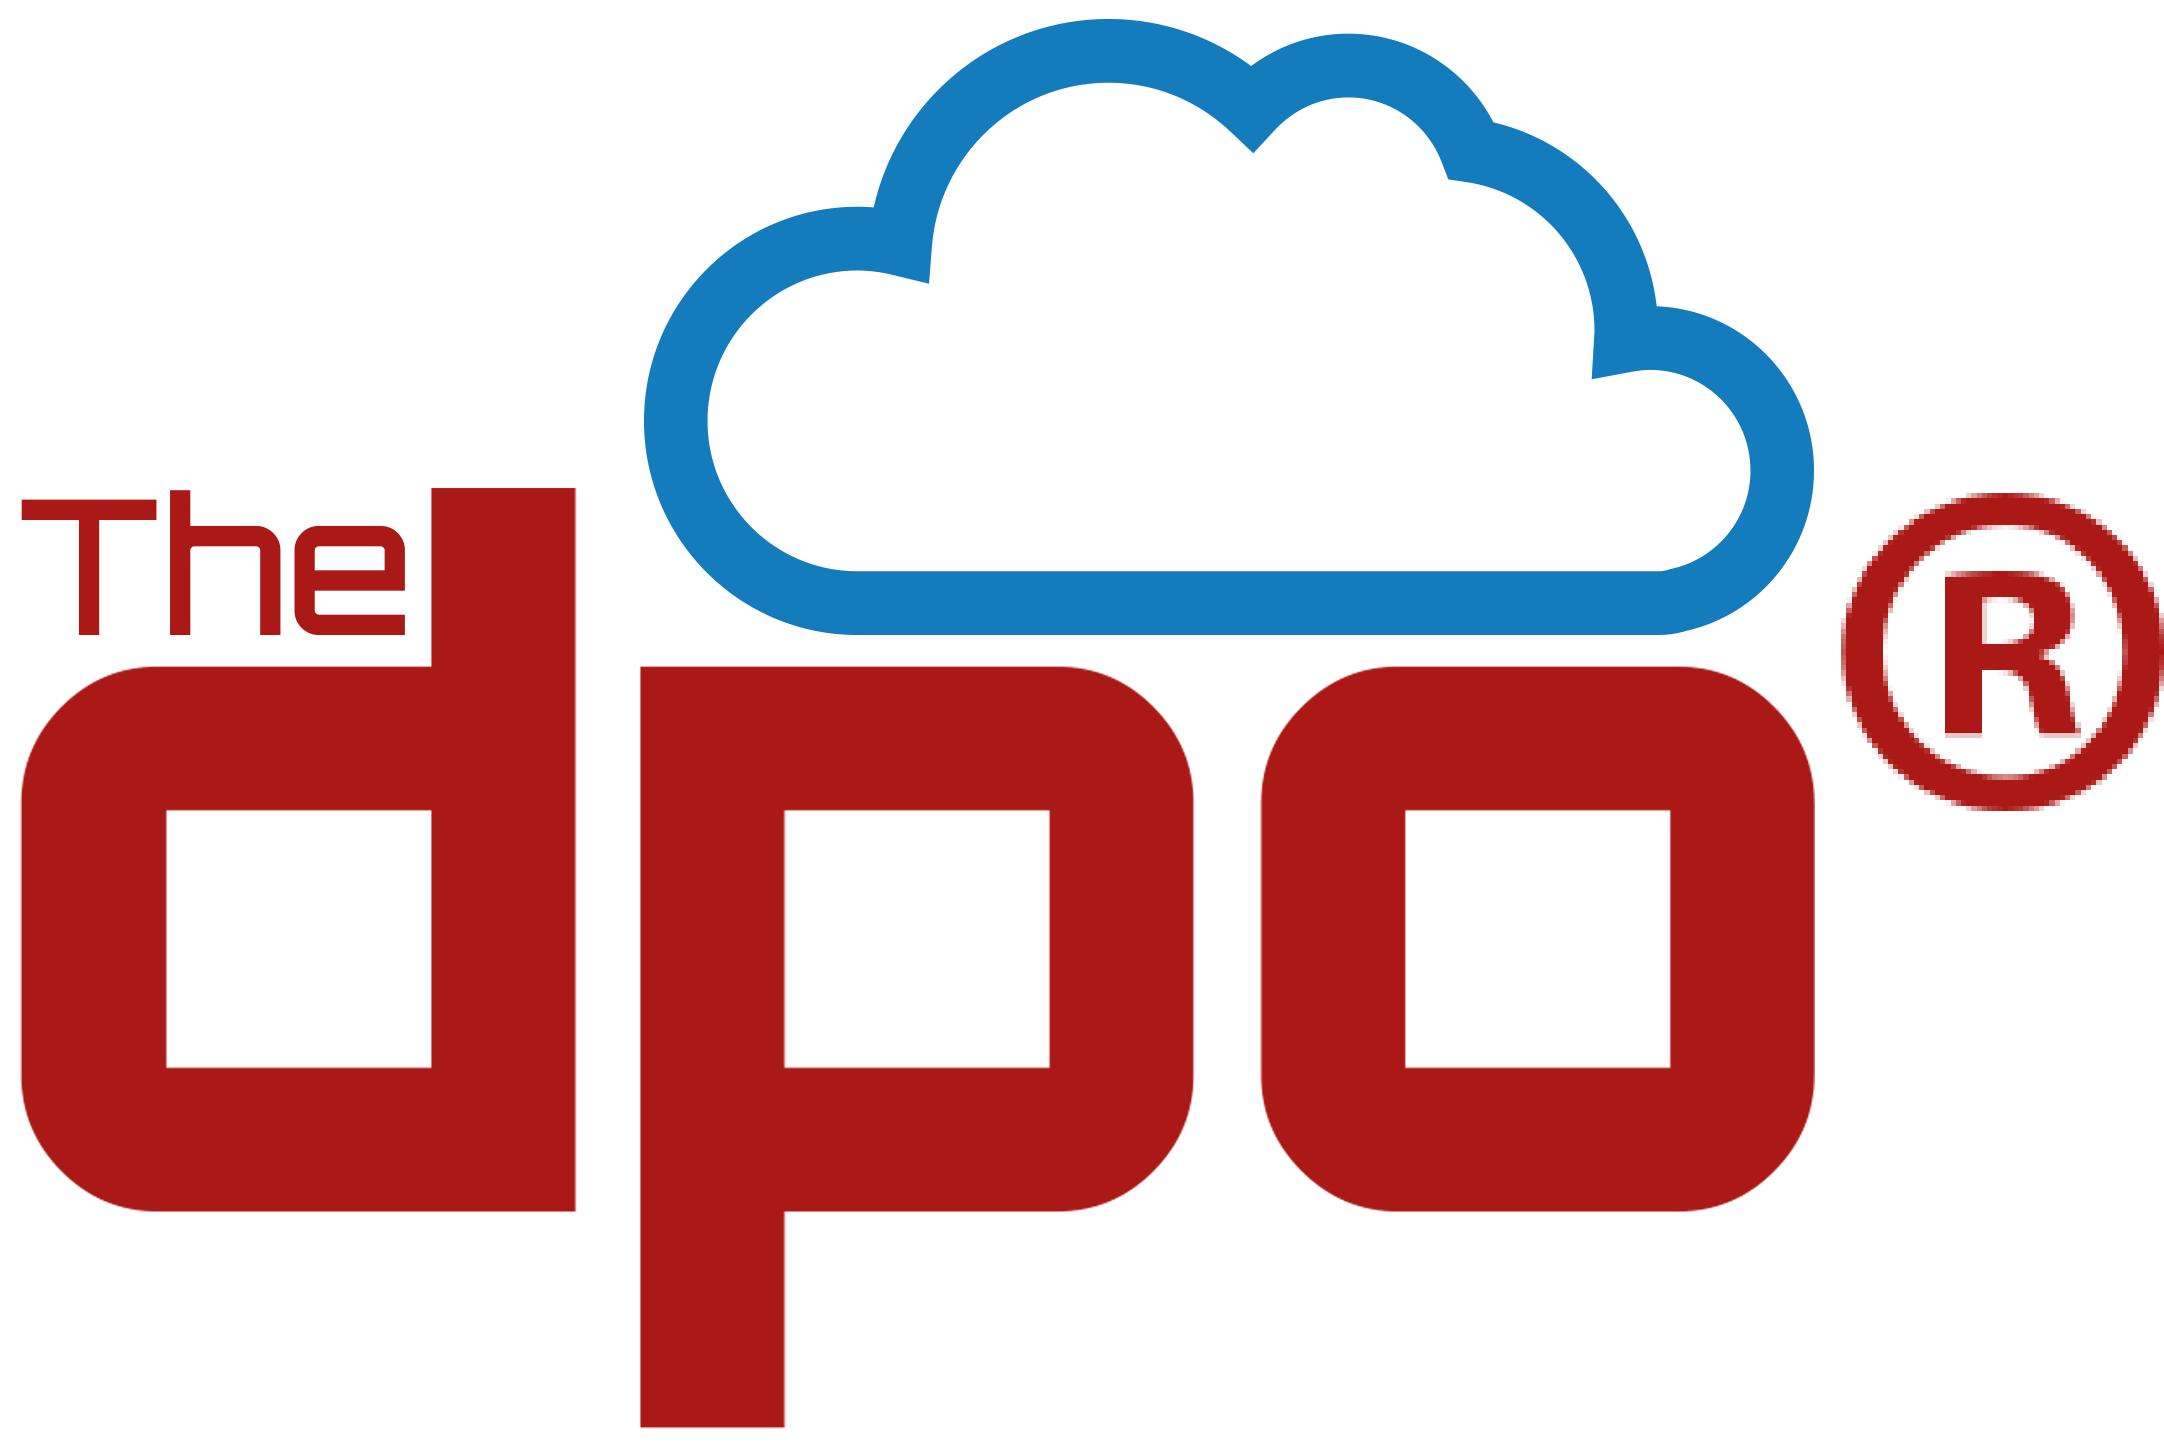 dpo-R.png